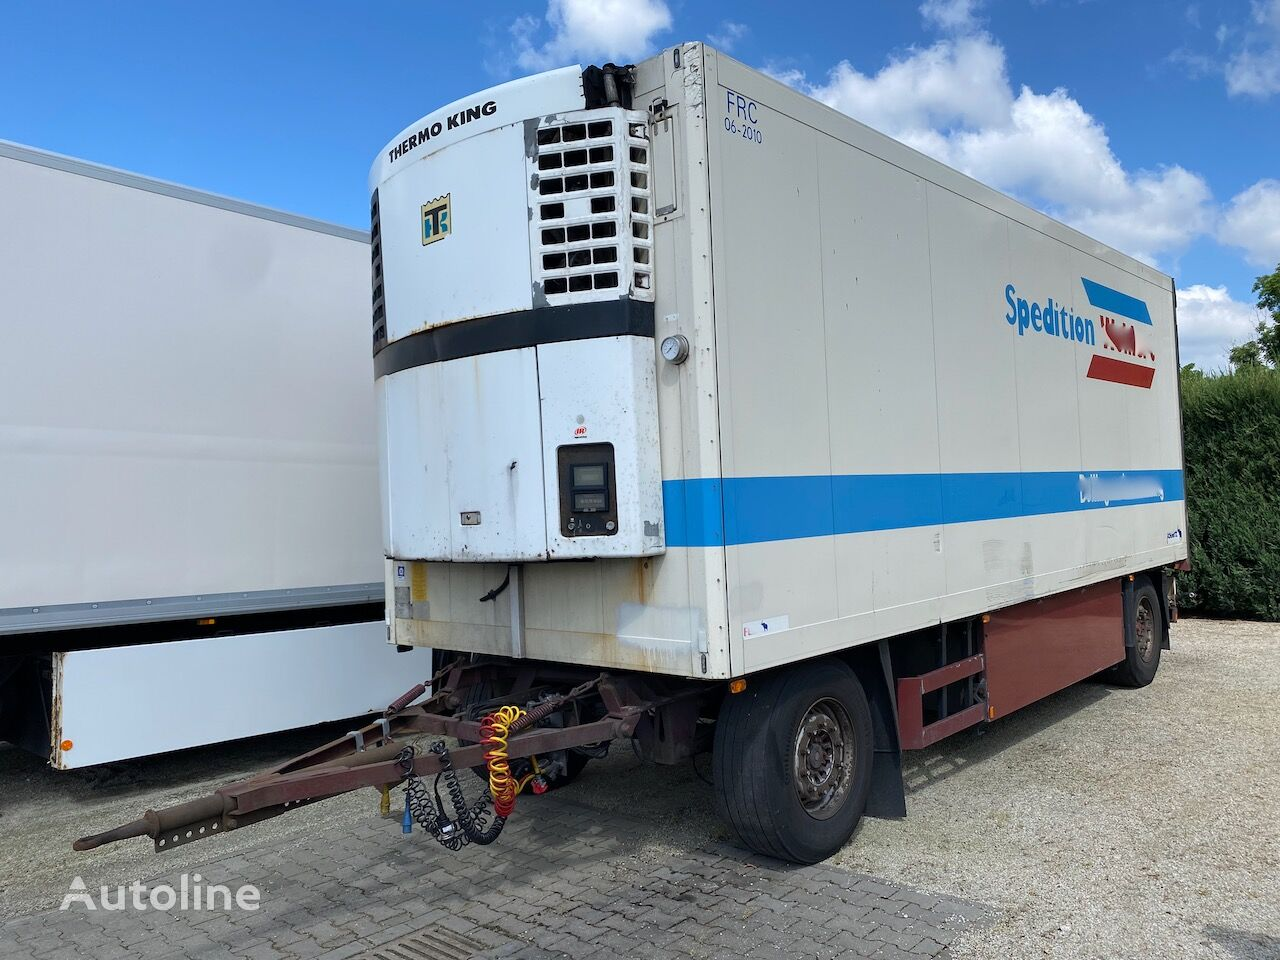 SCHMITZ CARGOBULL KO18 5740kg SAF Fleischhacken 5 Bahnen Thermo King refrigerated trailer